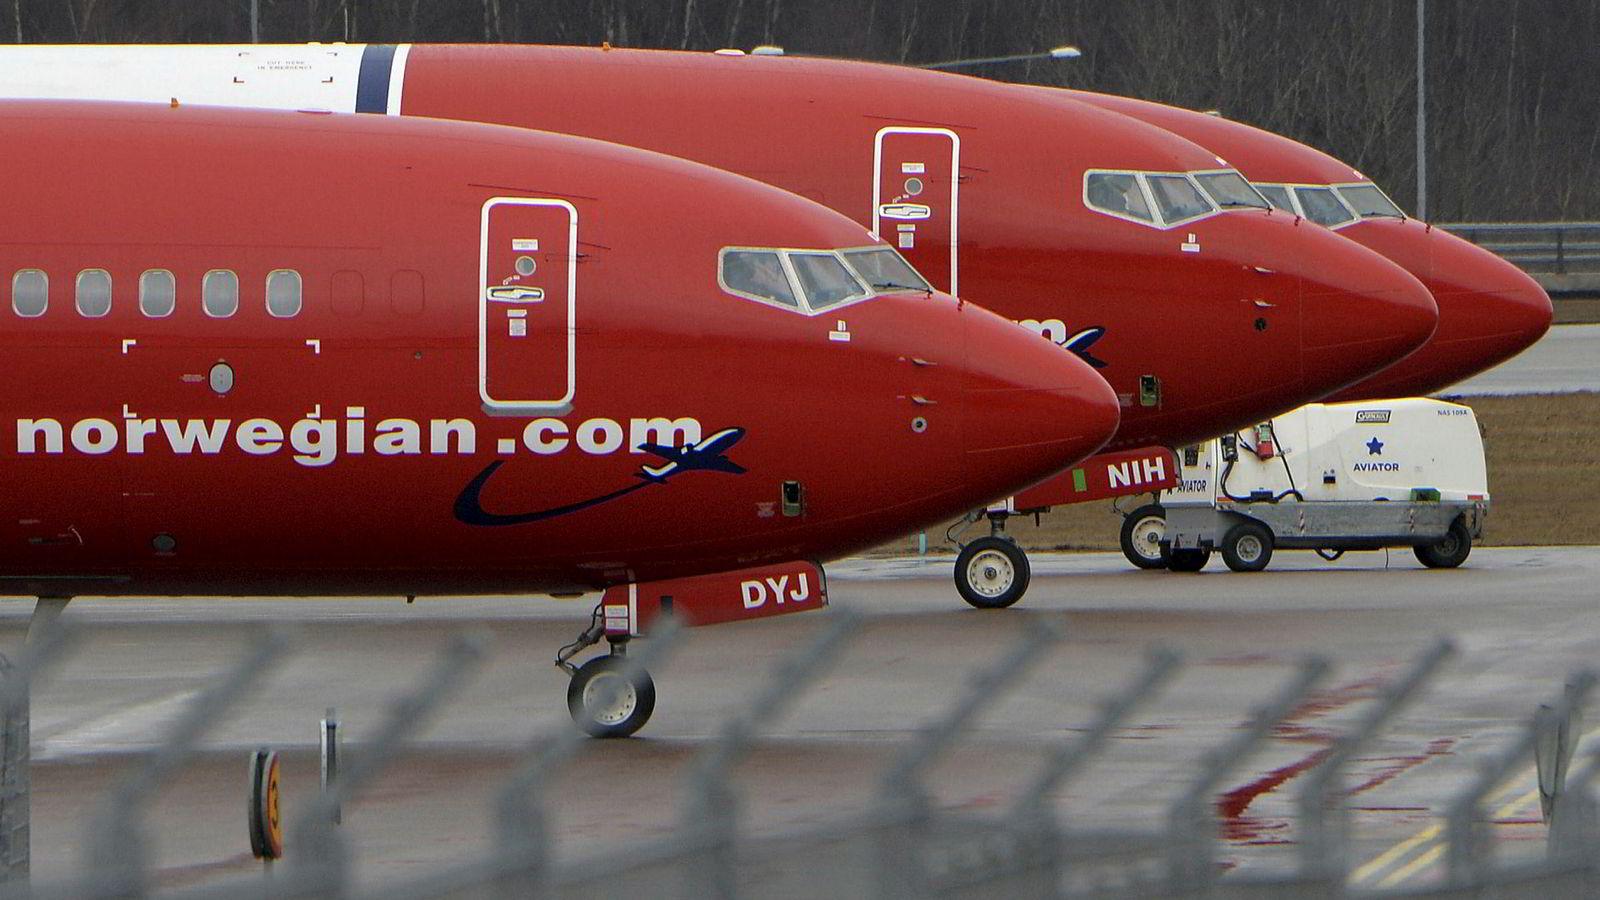 Norwegian-fly i Sverige.